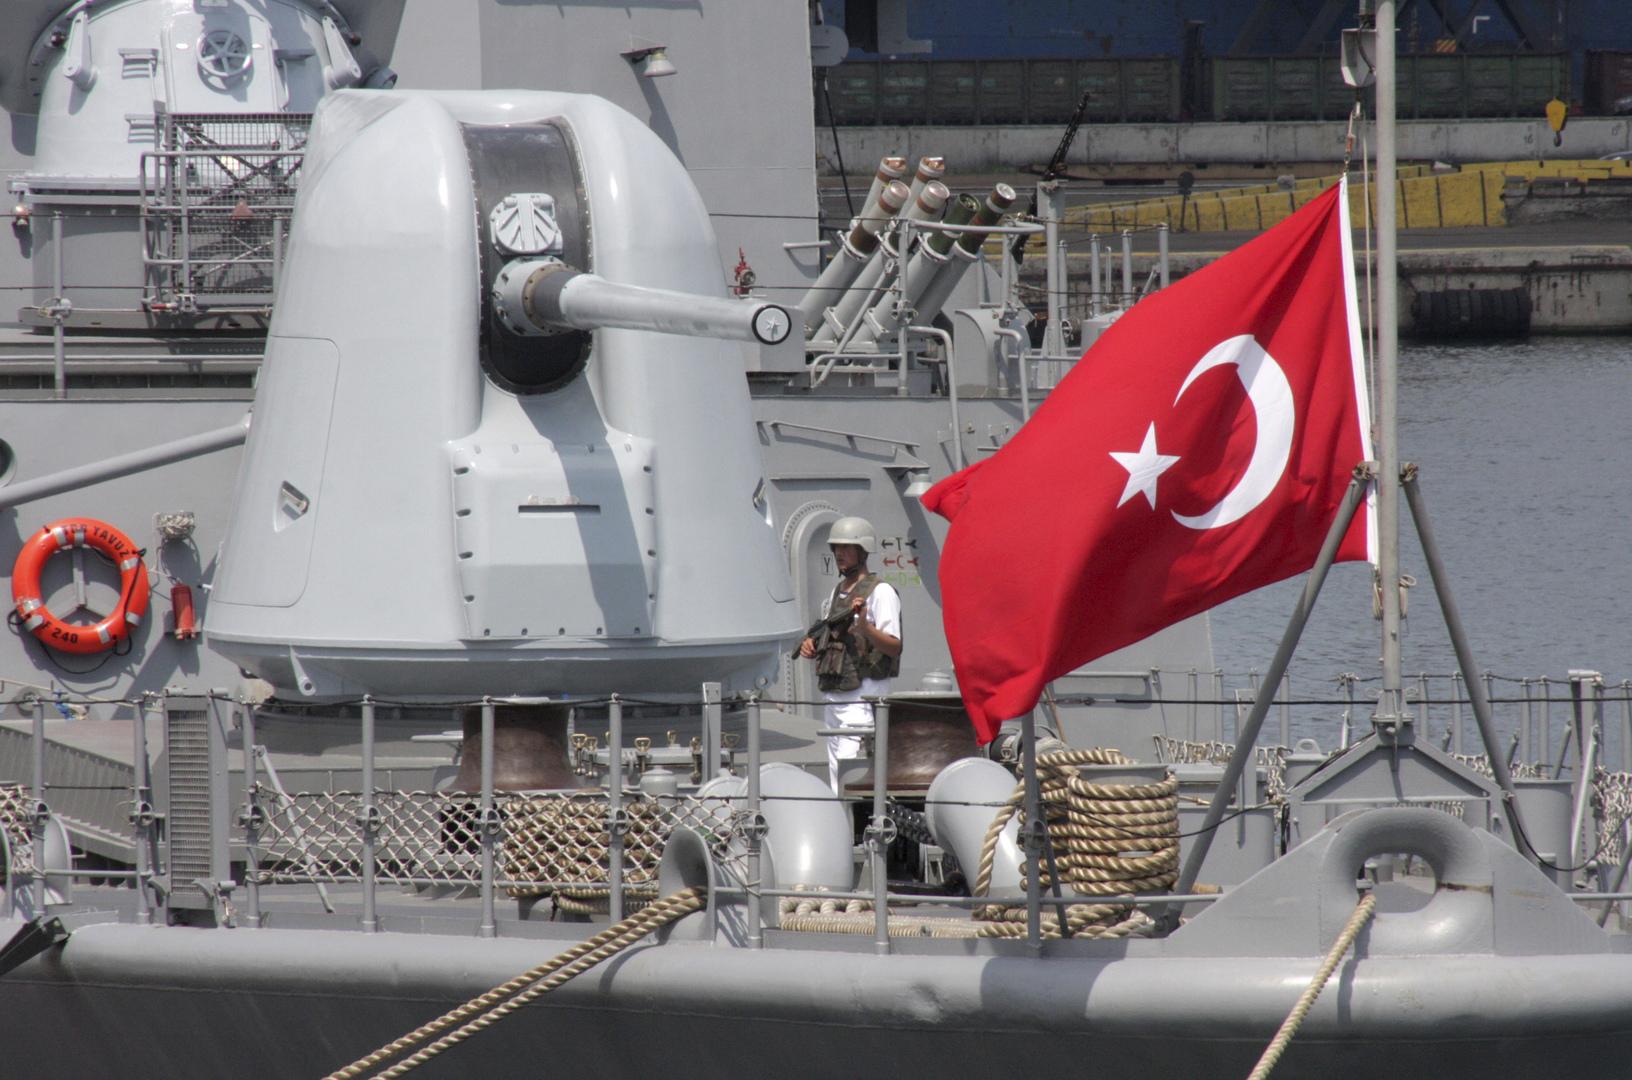 البحرية الأوكرانية: ننتظر المسيرات والطرادات التركية